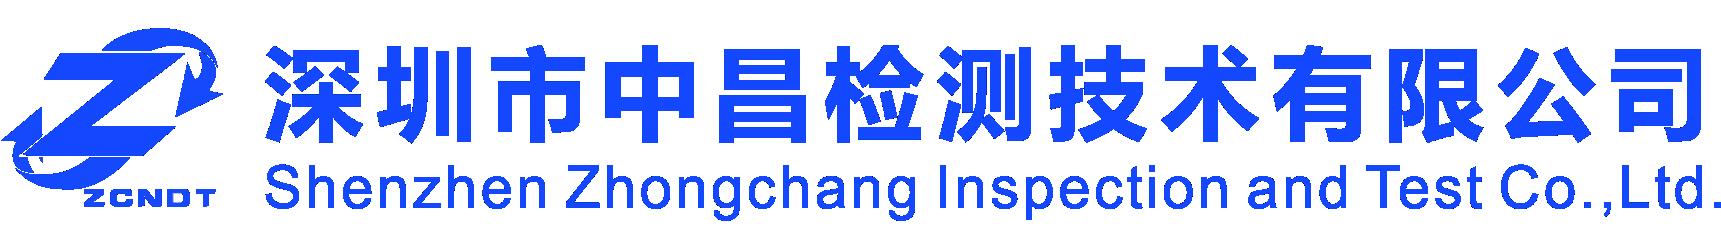 深圳市中昌检测技术有限公司